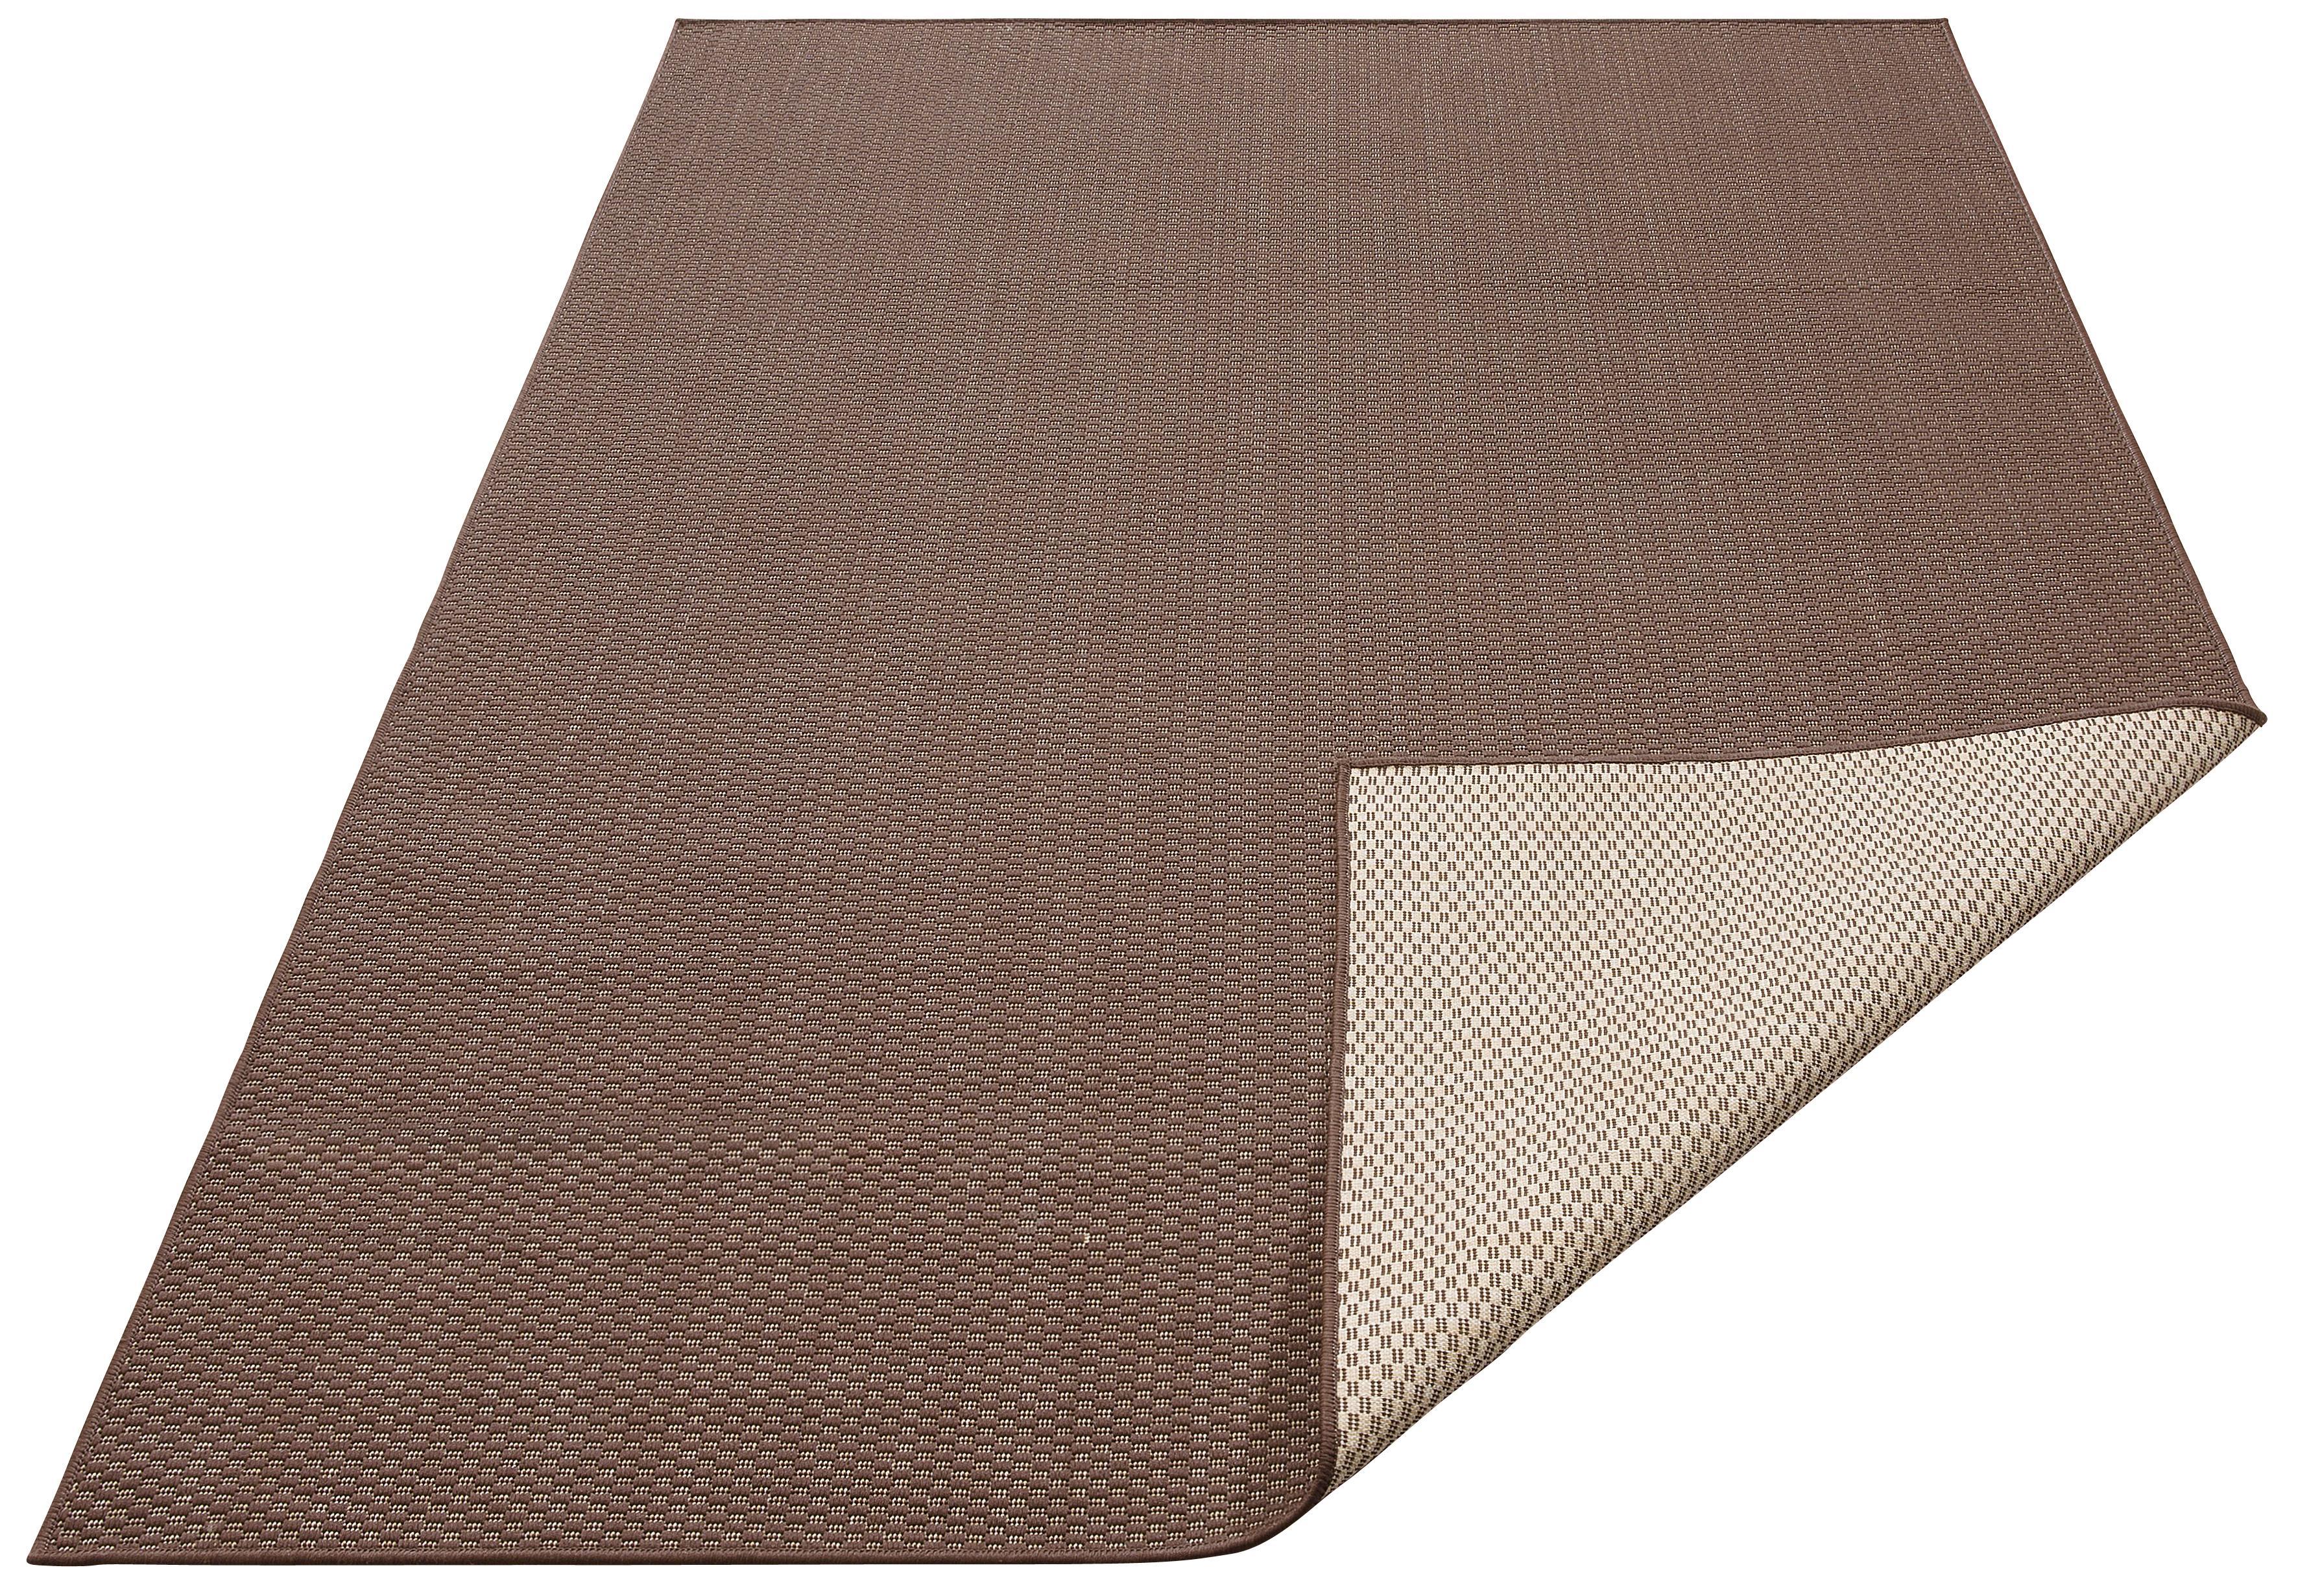 Teppich Rhodos my home rechteckig Höhe 3 mm maschinell gewebt